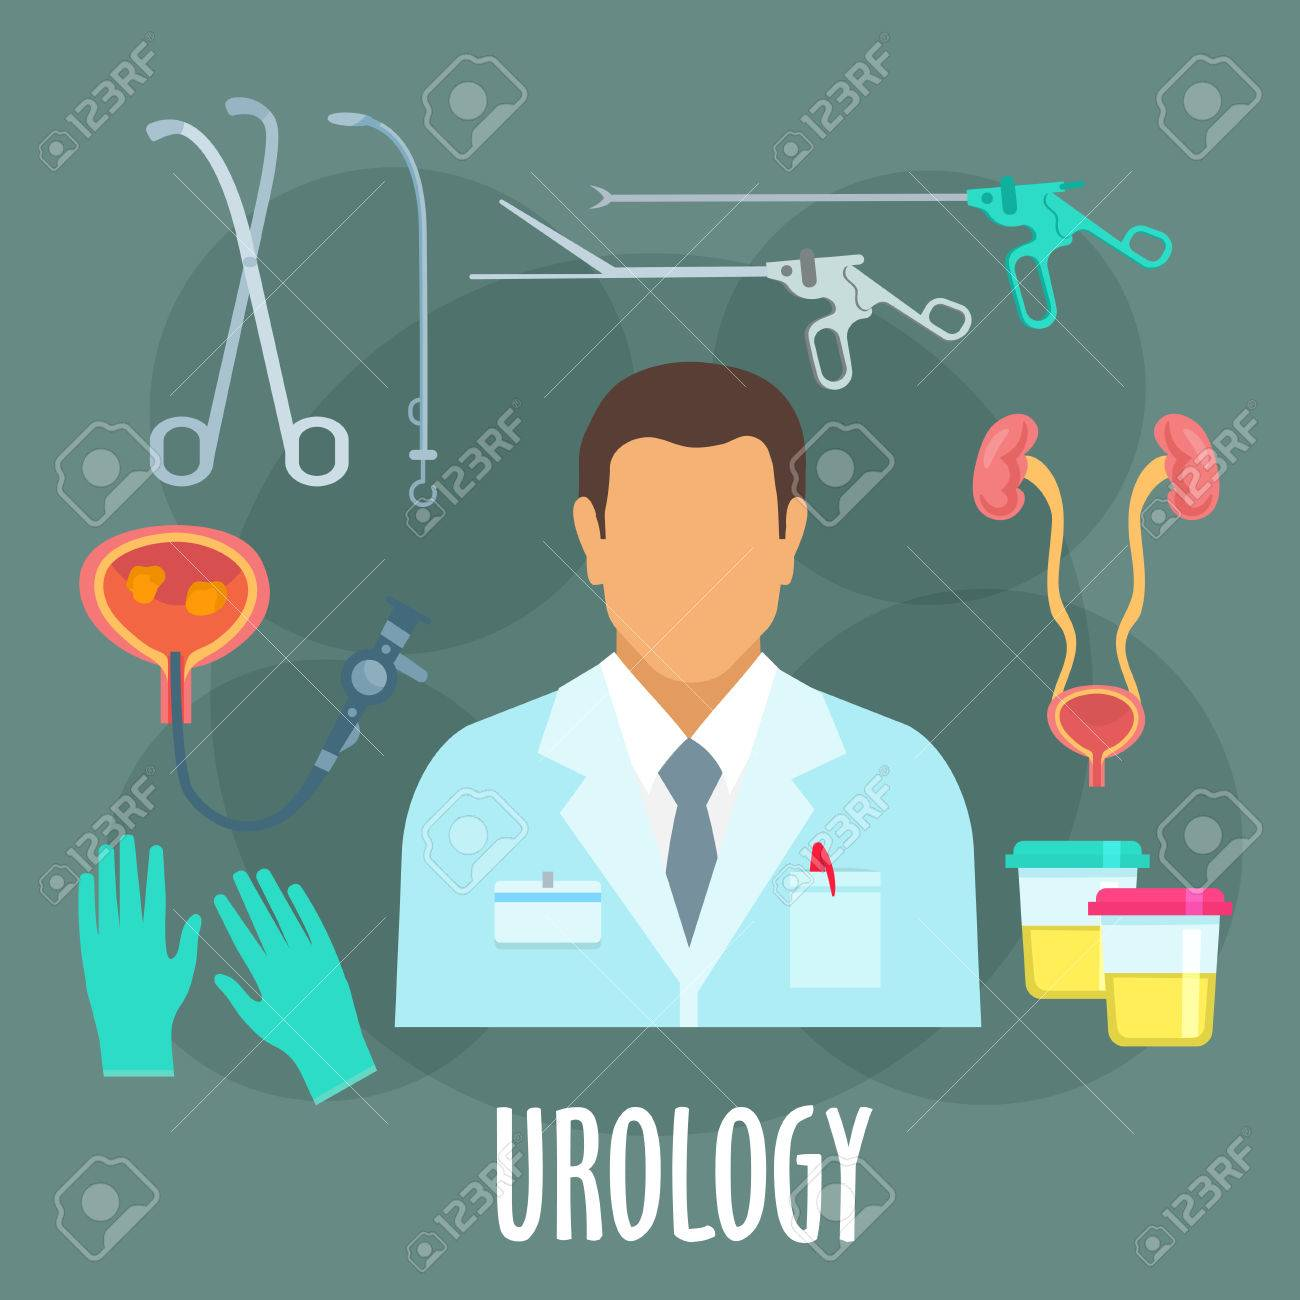 examen de próstata con guantes reproductor de videos